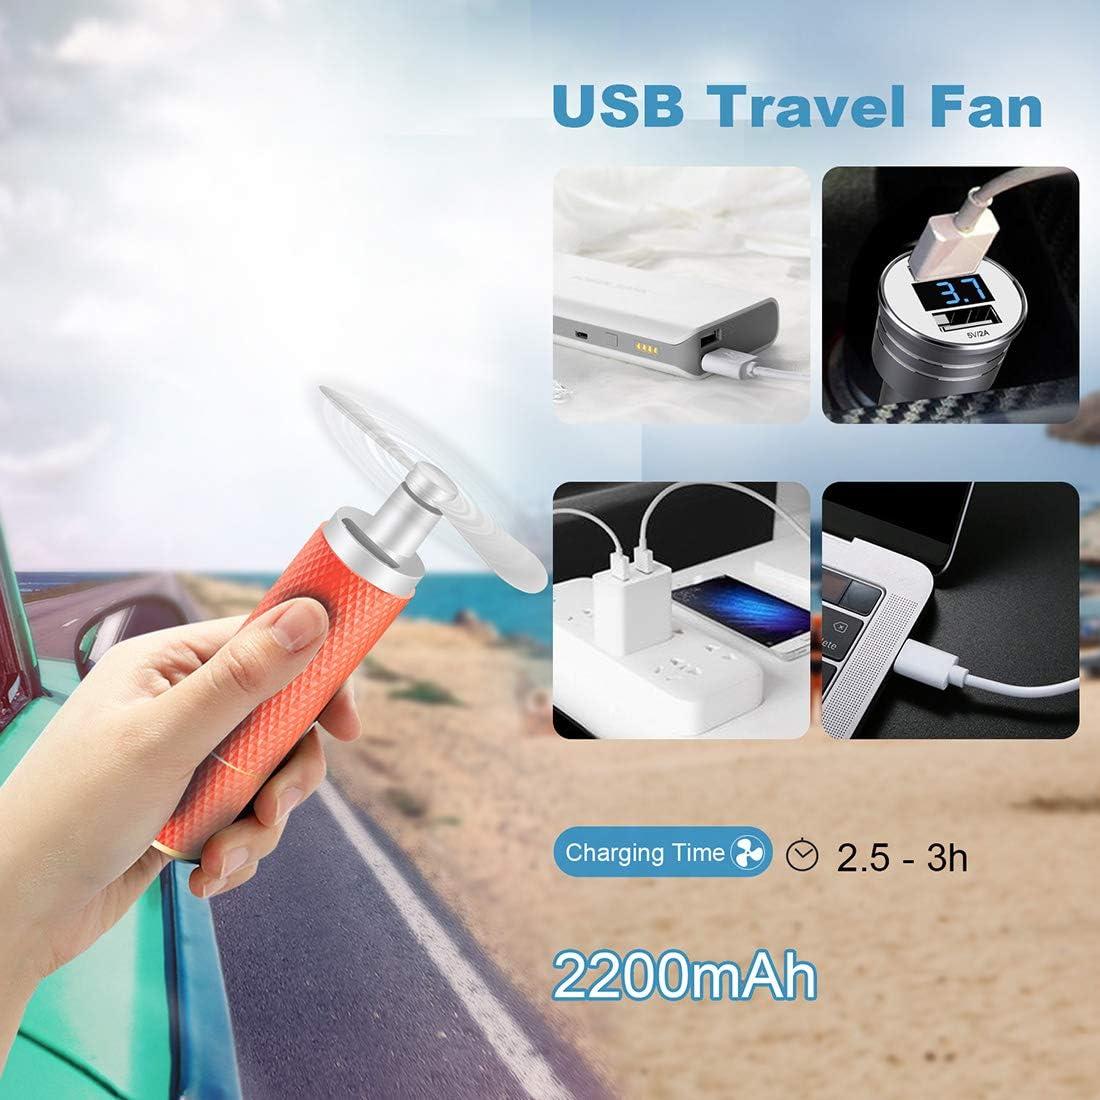 temps de travail 8-12h pour le voyage petit ventilateur USB Ventilateurs /à main ventilateur de refroidissement pour femme batterie rechargeable 2200mAh C/&Xanadu Noir mat shopping et football